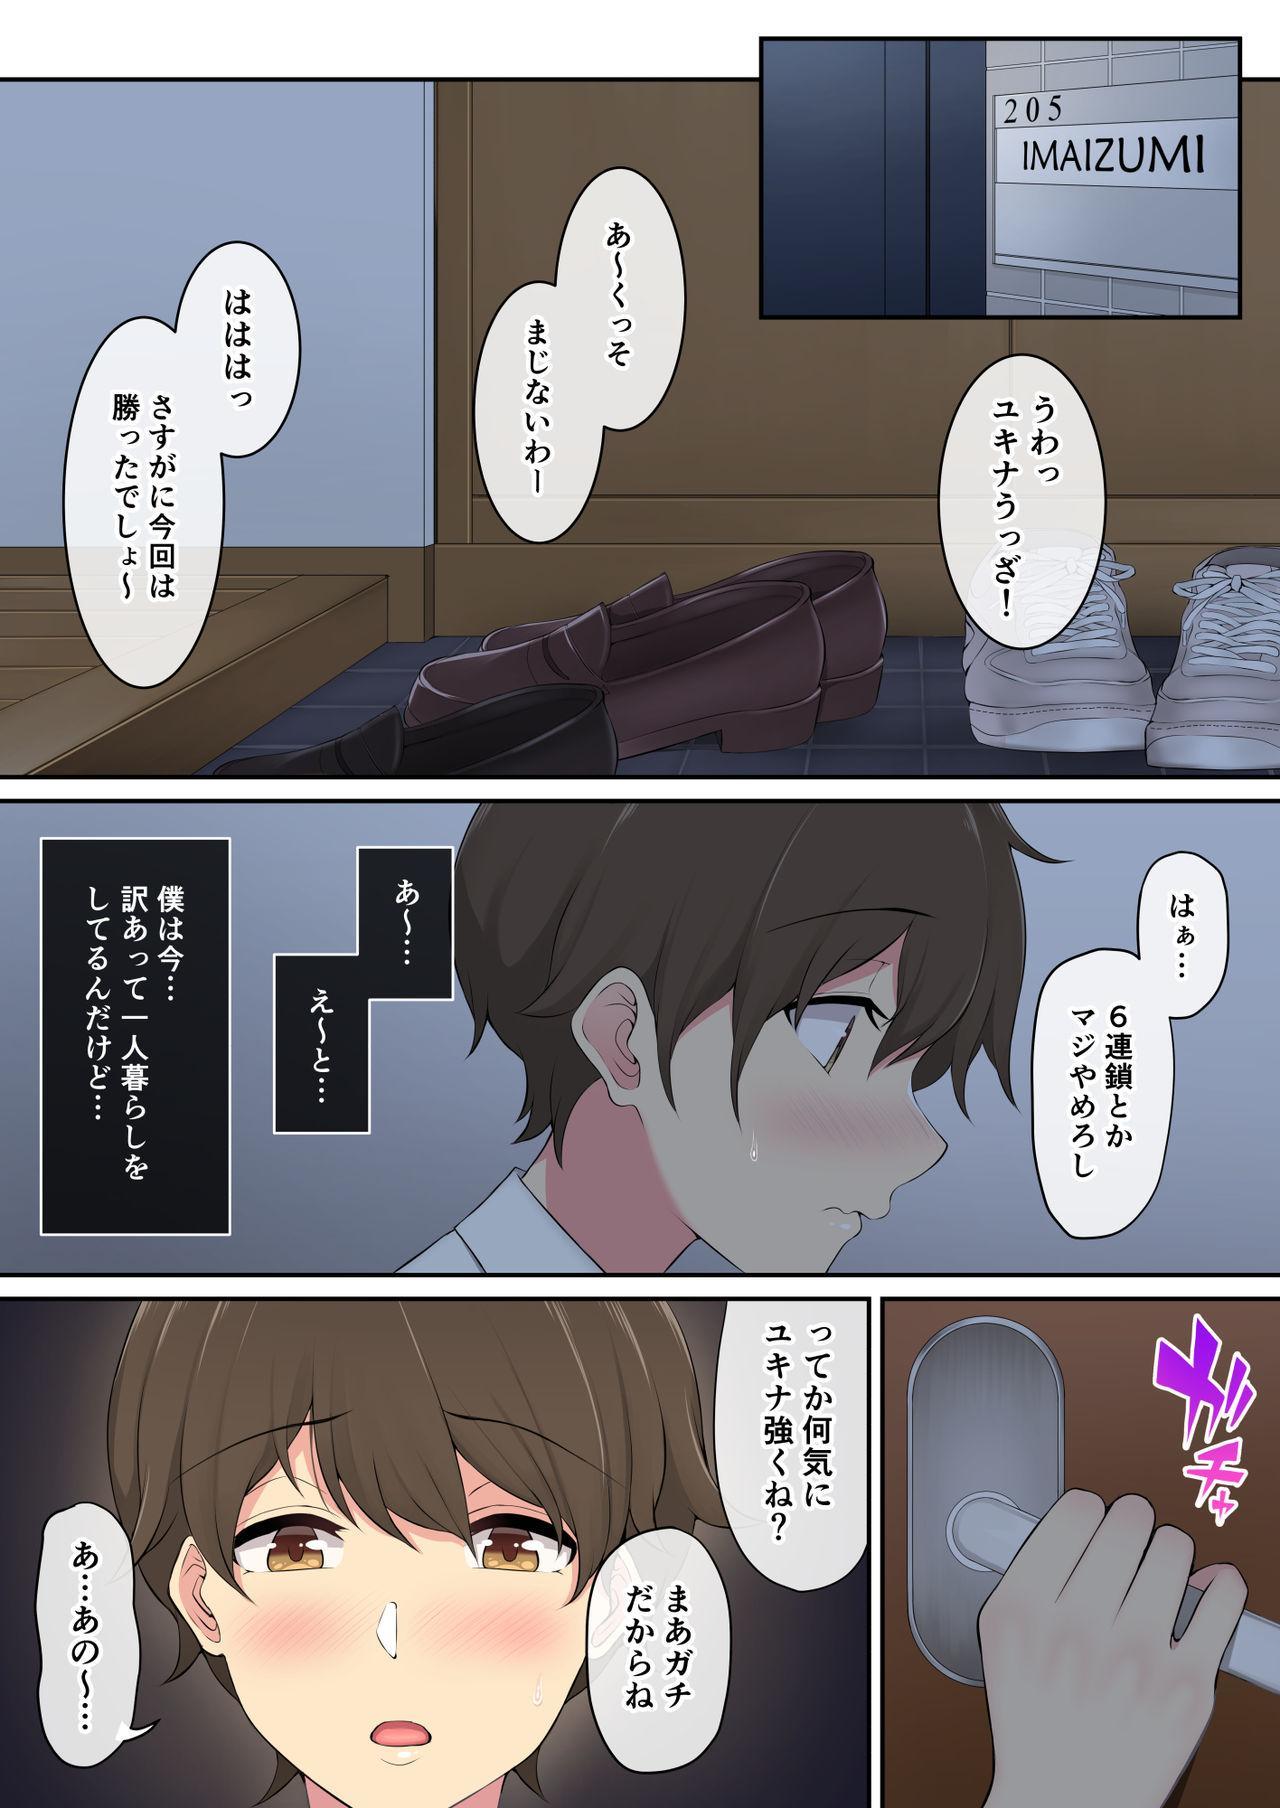 Imaizumin-chi wa Douyara Gal no Tamariba ni Natteru Rashii 1